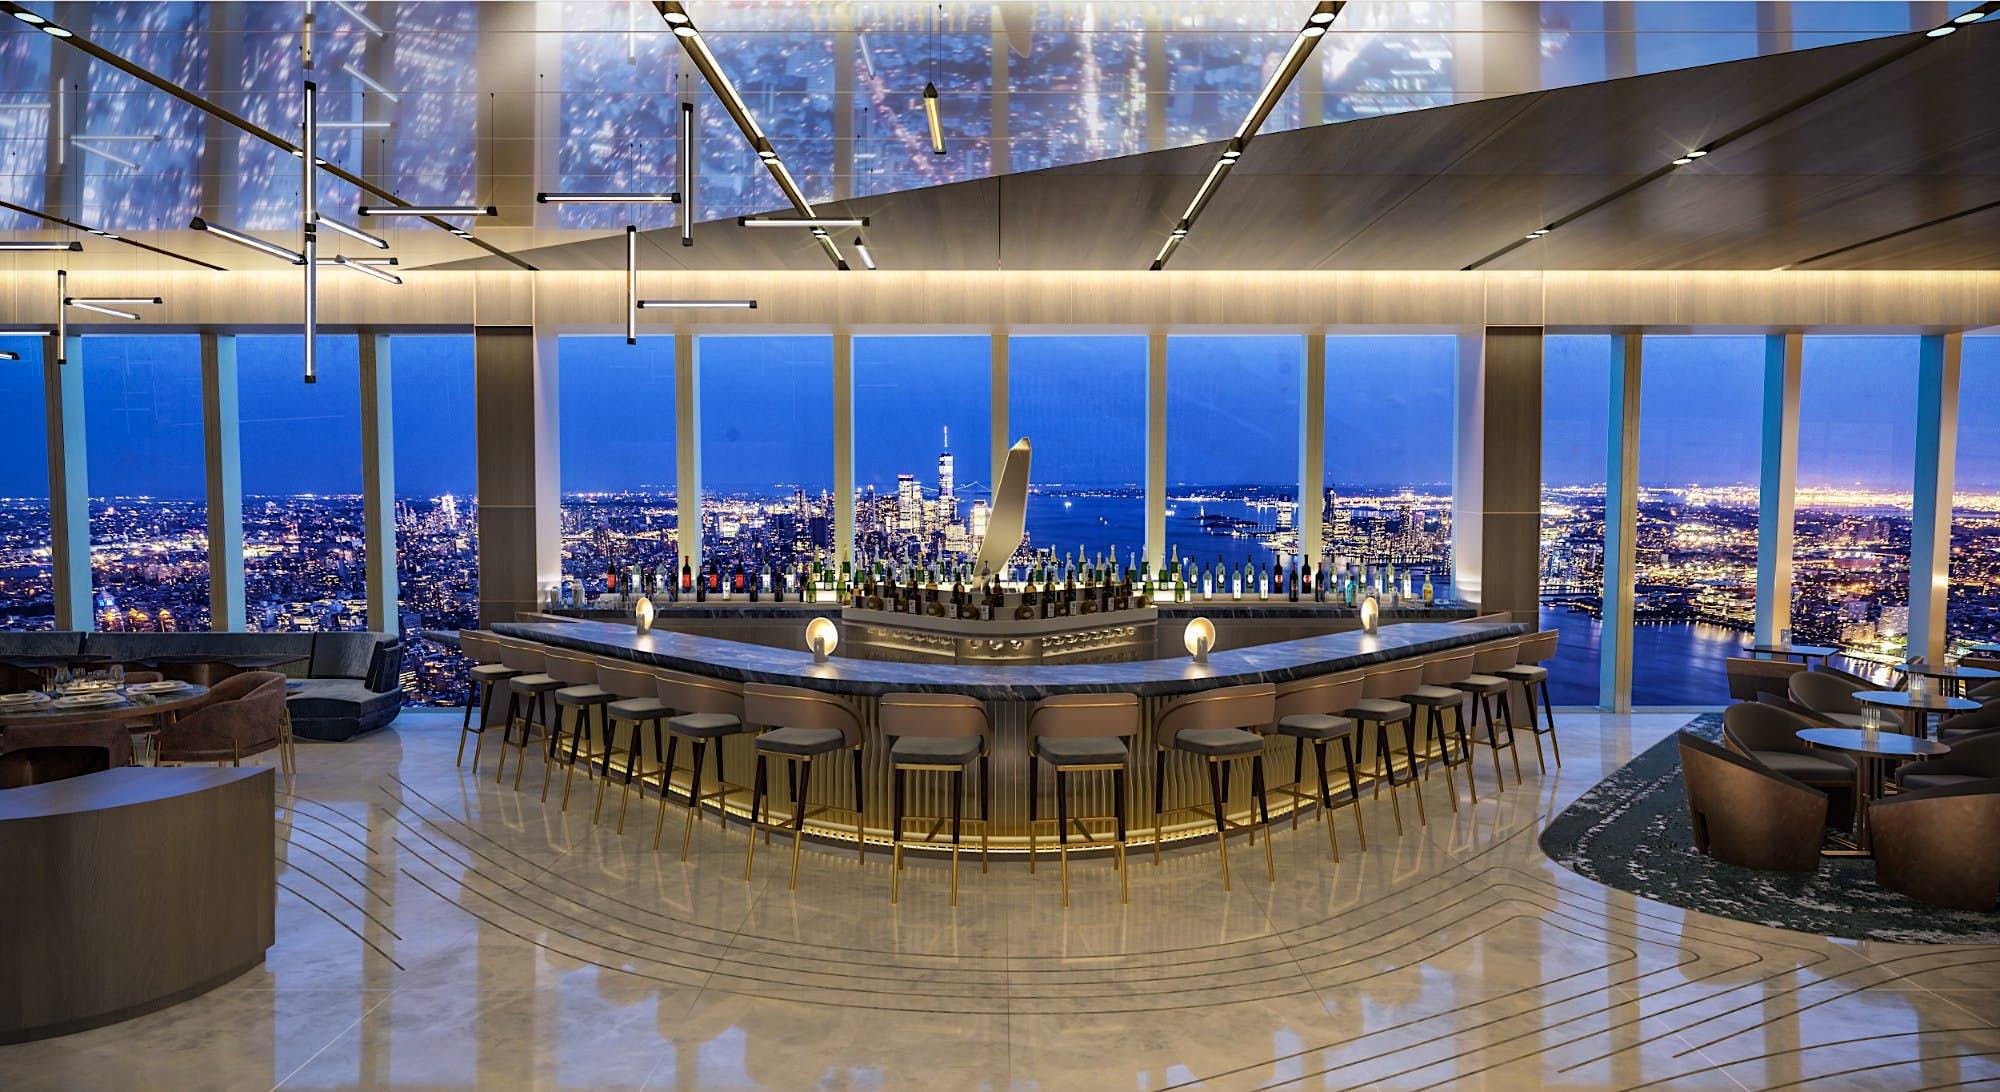 Este restaurante no 101º andar terá vistas deslumbrantes da cidade de Nova York